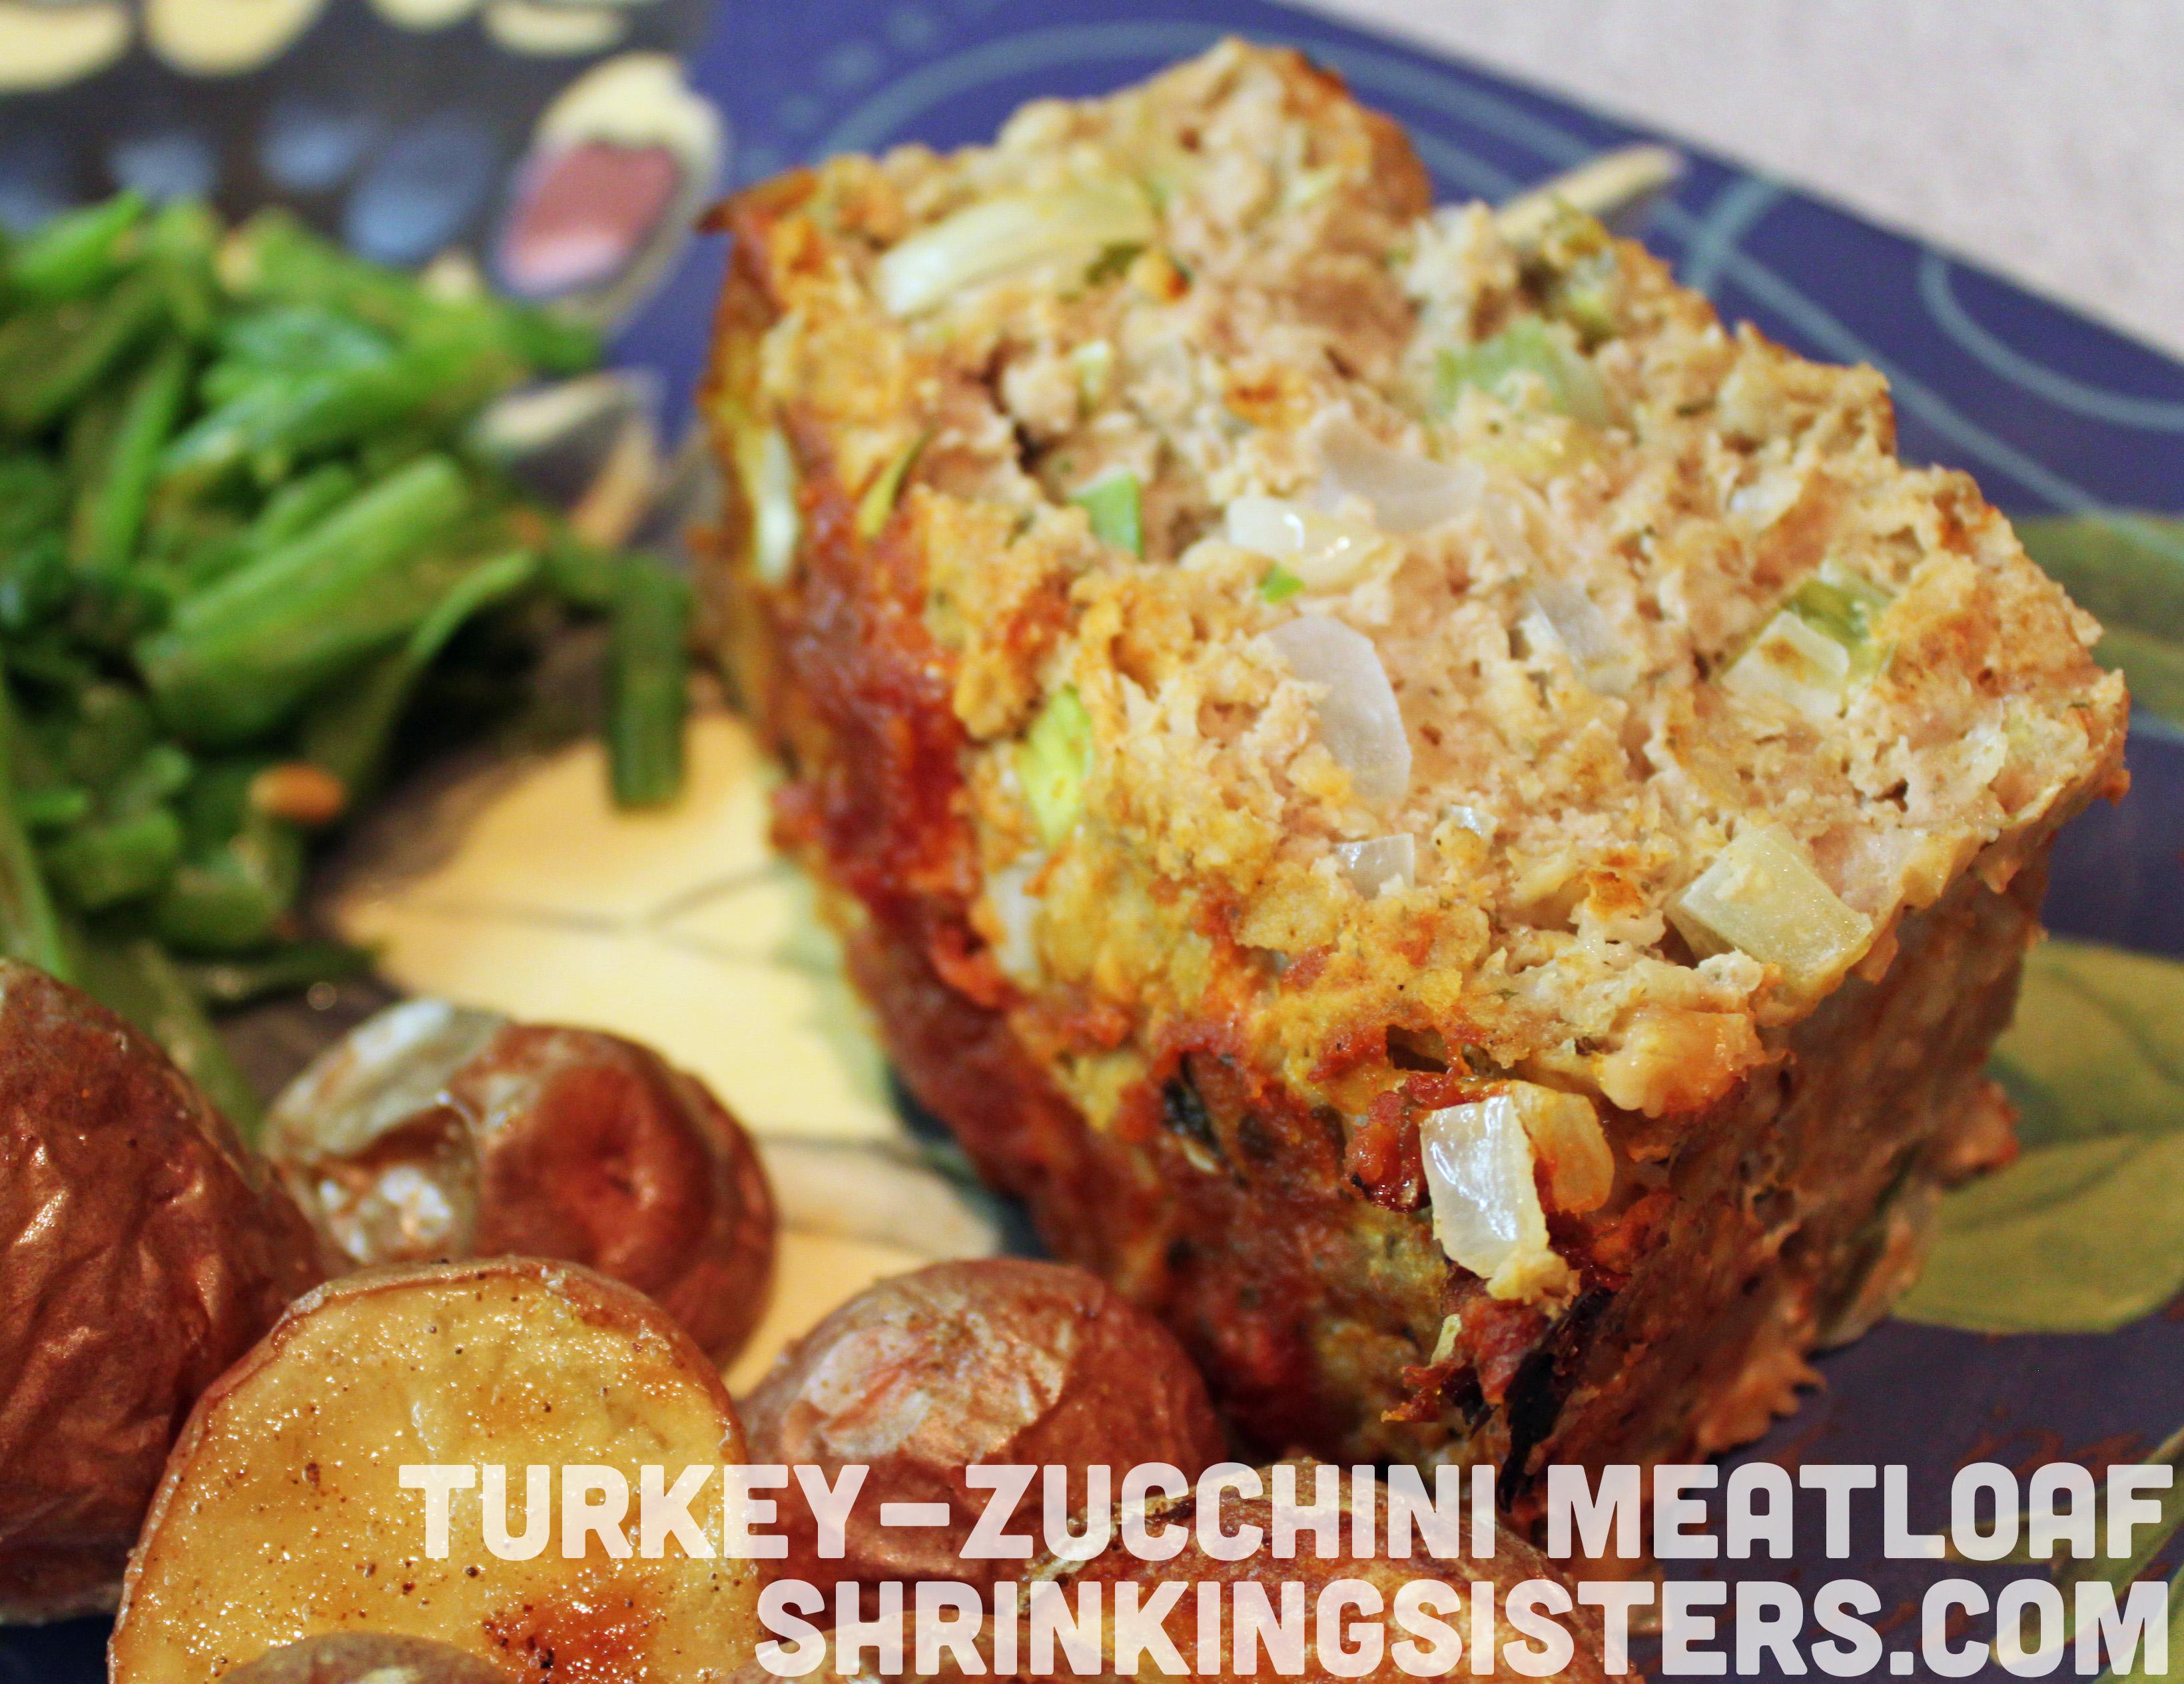 and zucchini meatloaf meat loaf stuffed zucchini zucchini meat loaf ...